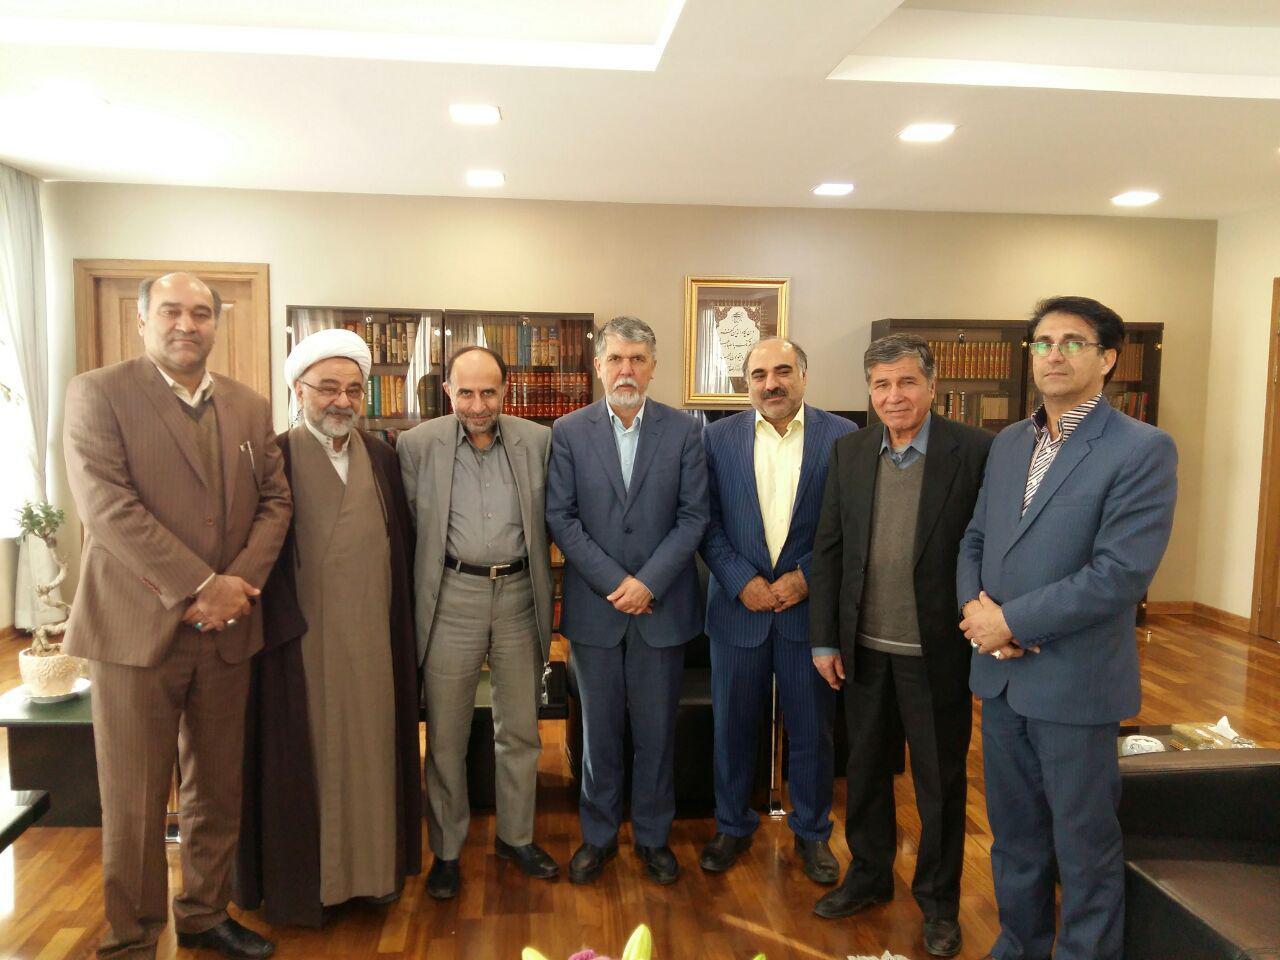 ديدار با دكتر صالحي وزير محترم فرهنگ و ارشاد اسلامي